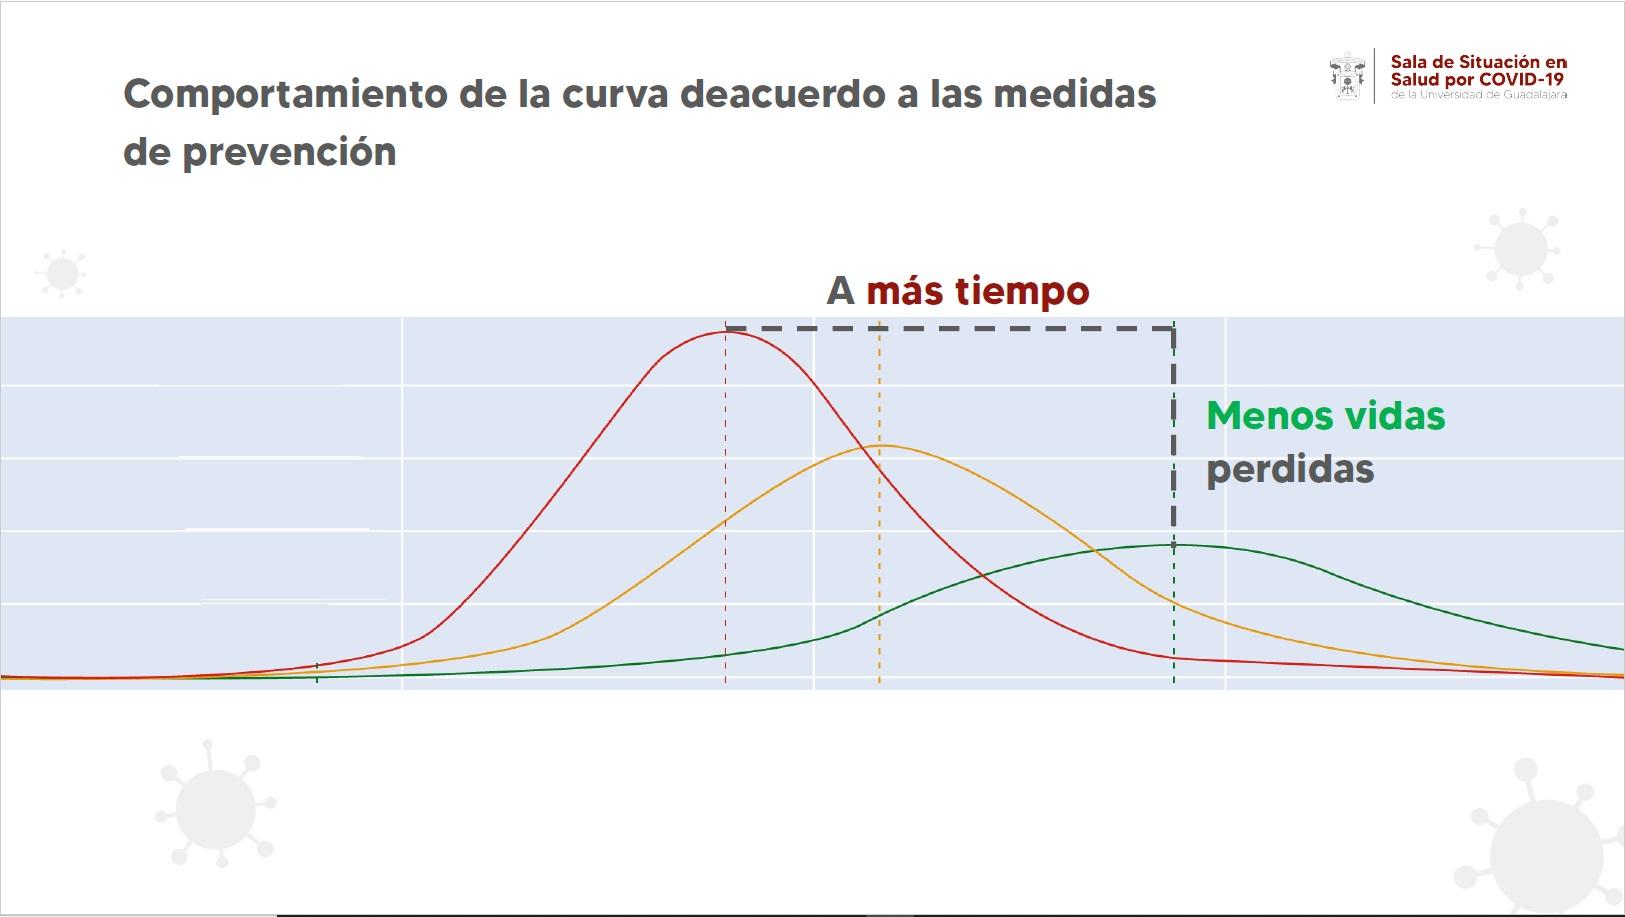 Graficas de la rueda de prensa para conocer la actualización del modelo predictivo de la Sala Situacional en Salud por COVID-19